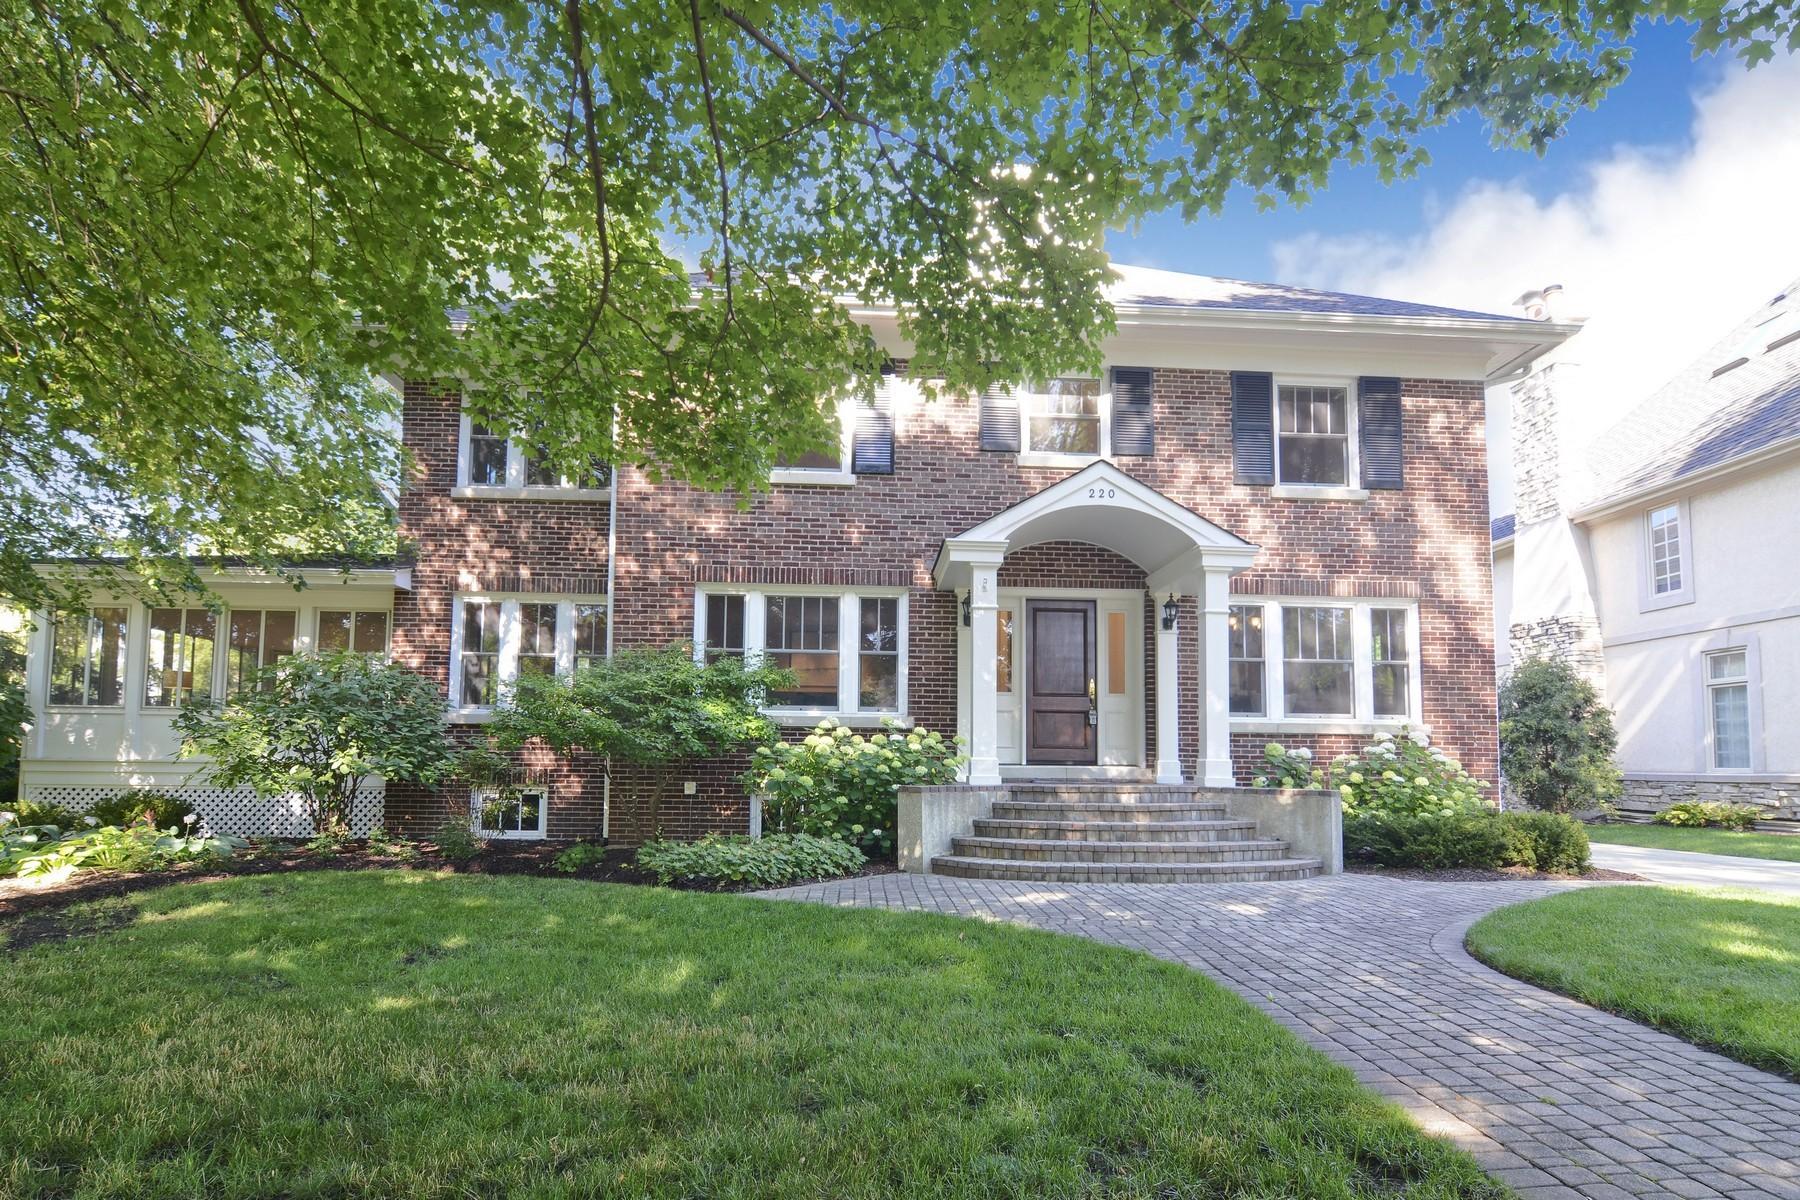 Villa per Vendita alle ore 220 N Lincoln 220 N. Lincoln Hinsdale, Illinois, 60521 Stati Uniti